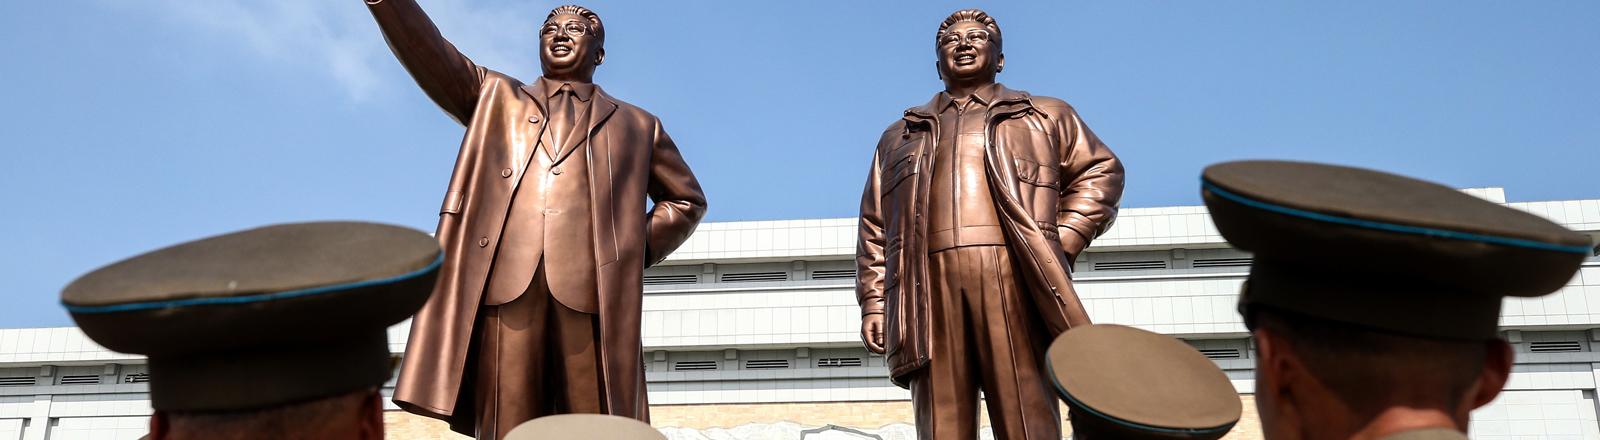 Denkmal für Kim Il-Sung und Kim Jong-Il in Pjöngjang